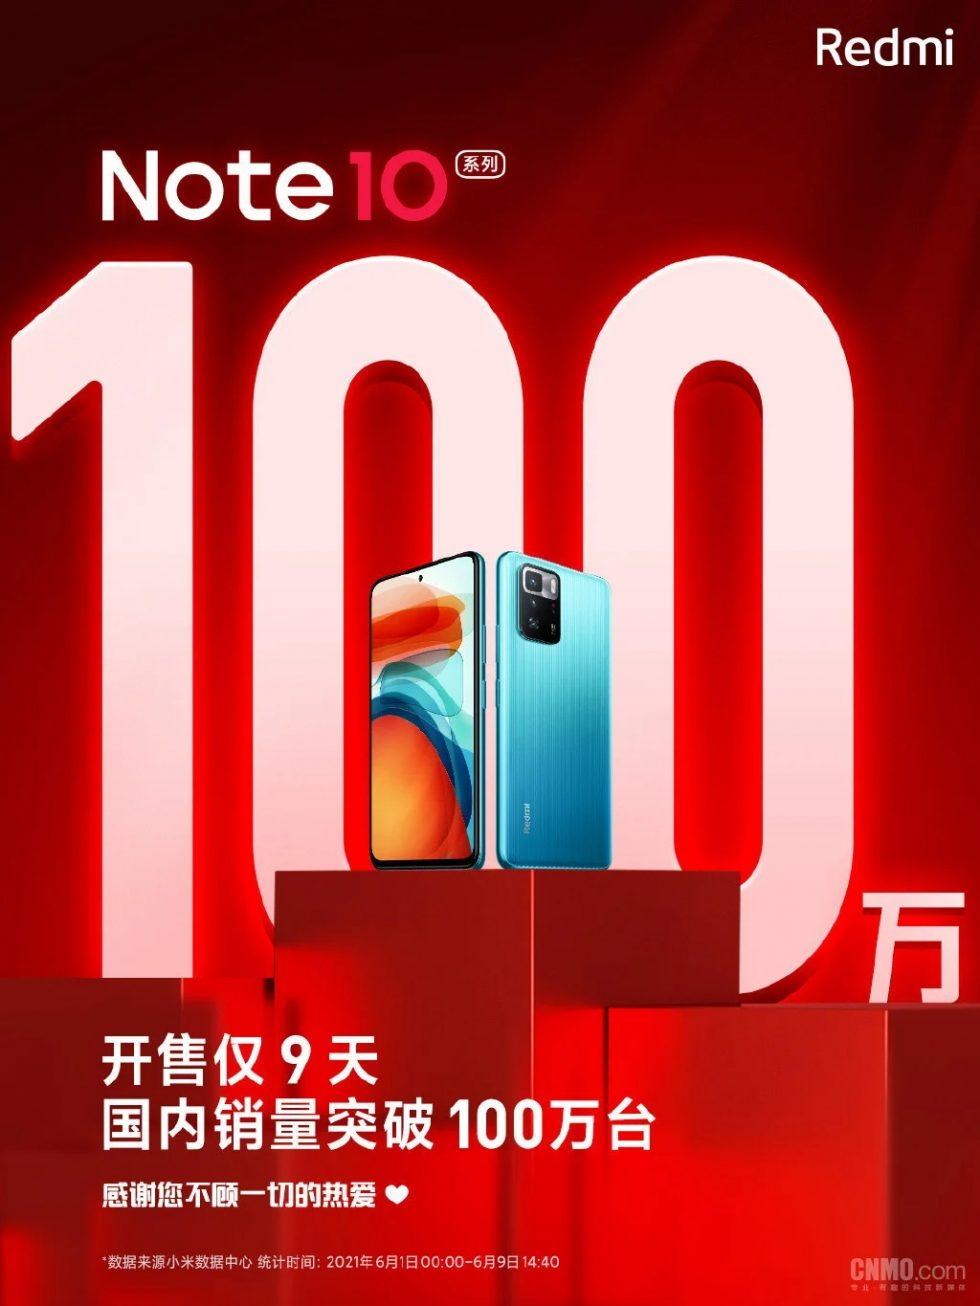 Redmi-Note-10-pardavimai-copy